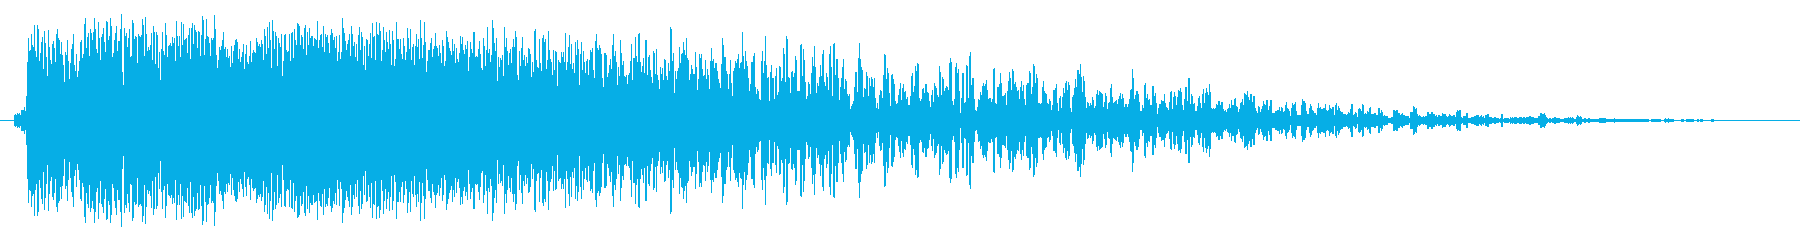 ビッグエンディングの再生済みの波形